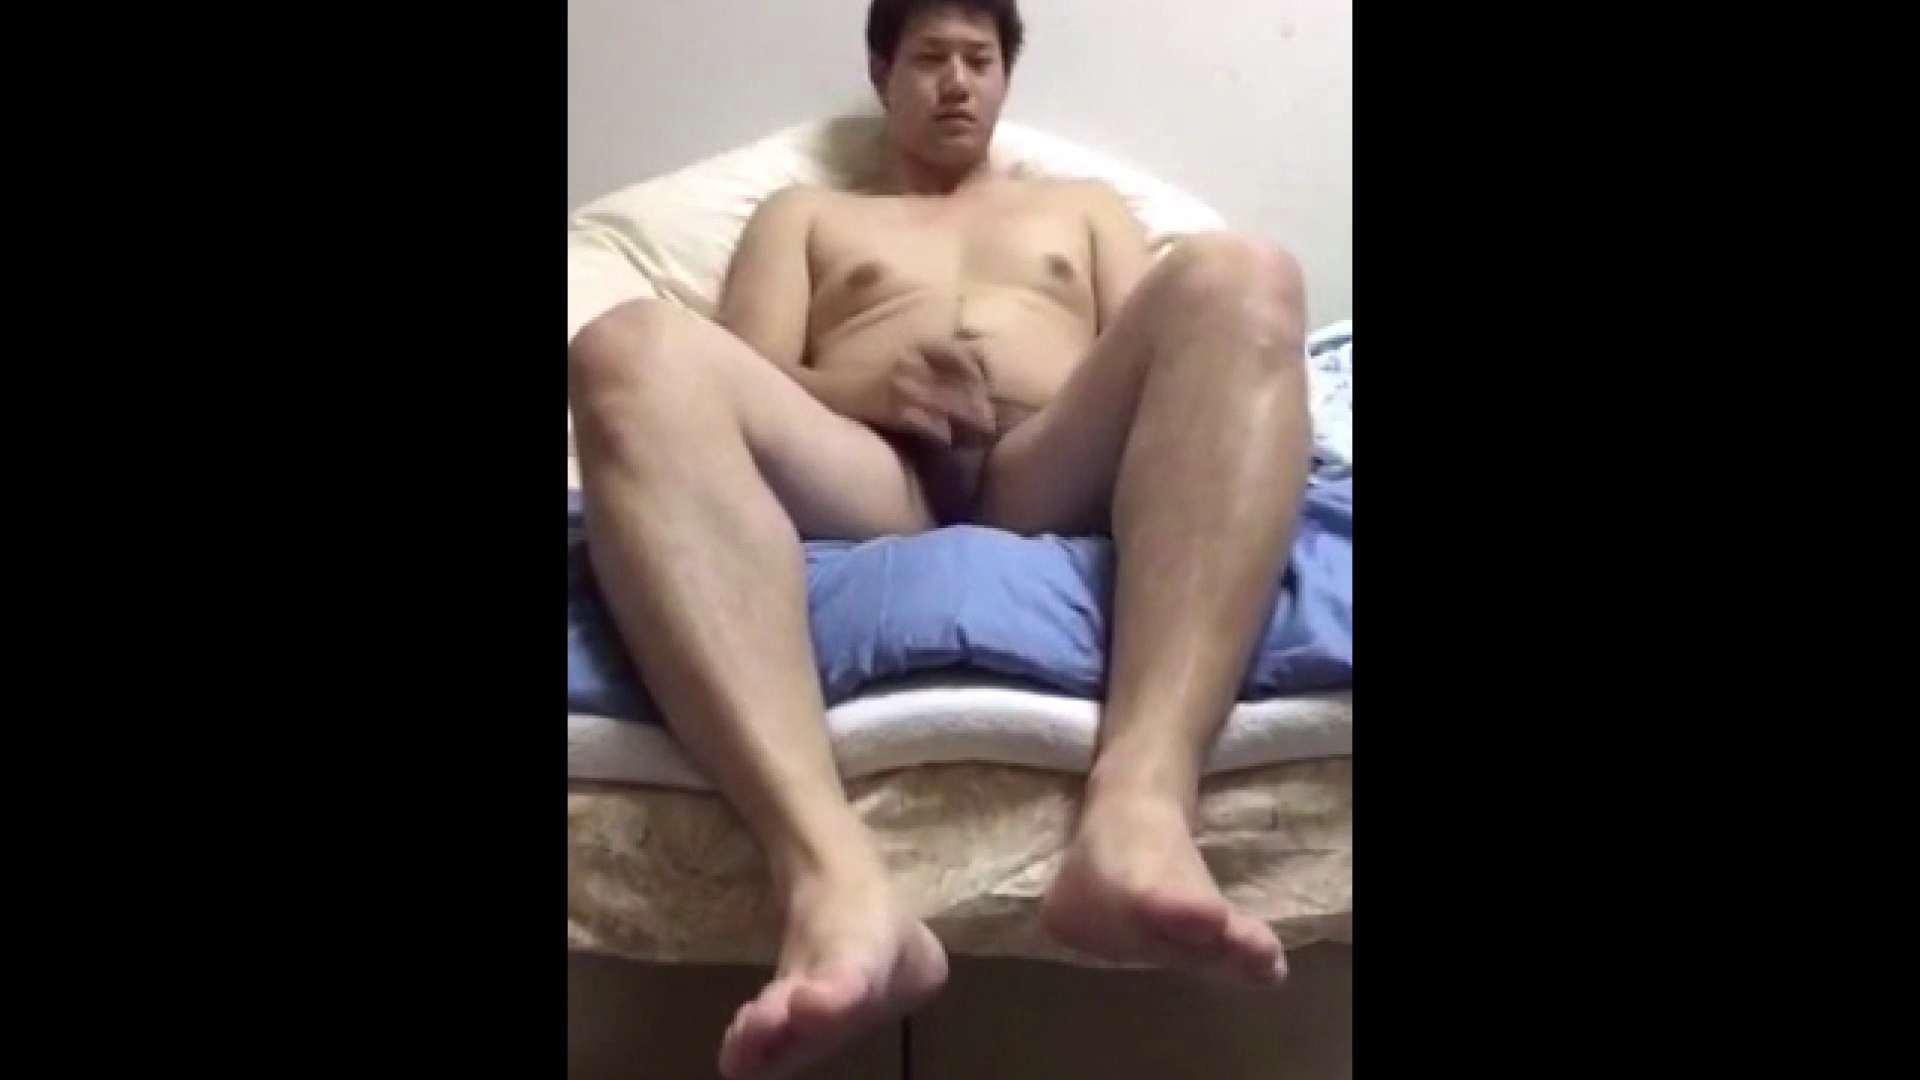 個人撮影 自慰の極意 Vol.18 オナニー ゲイエロビデオ画像 52pic 9